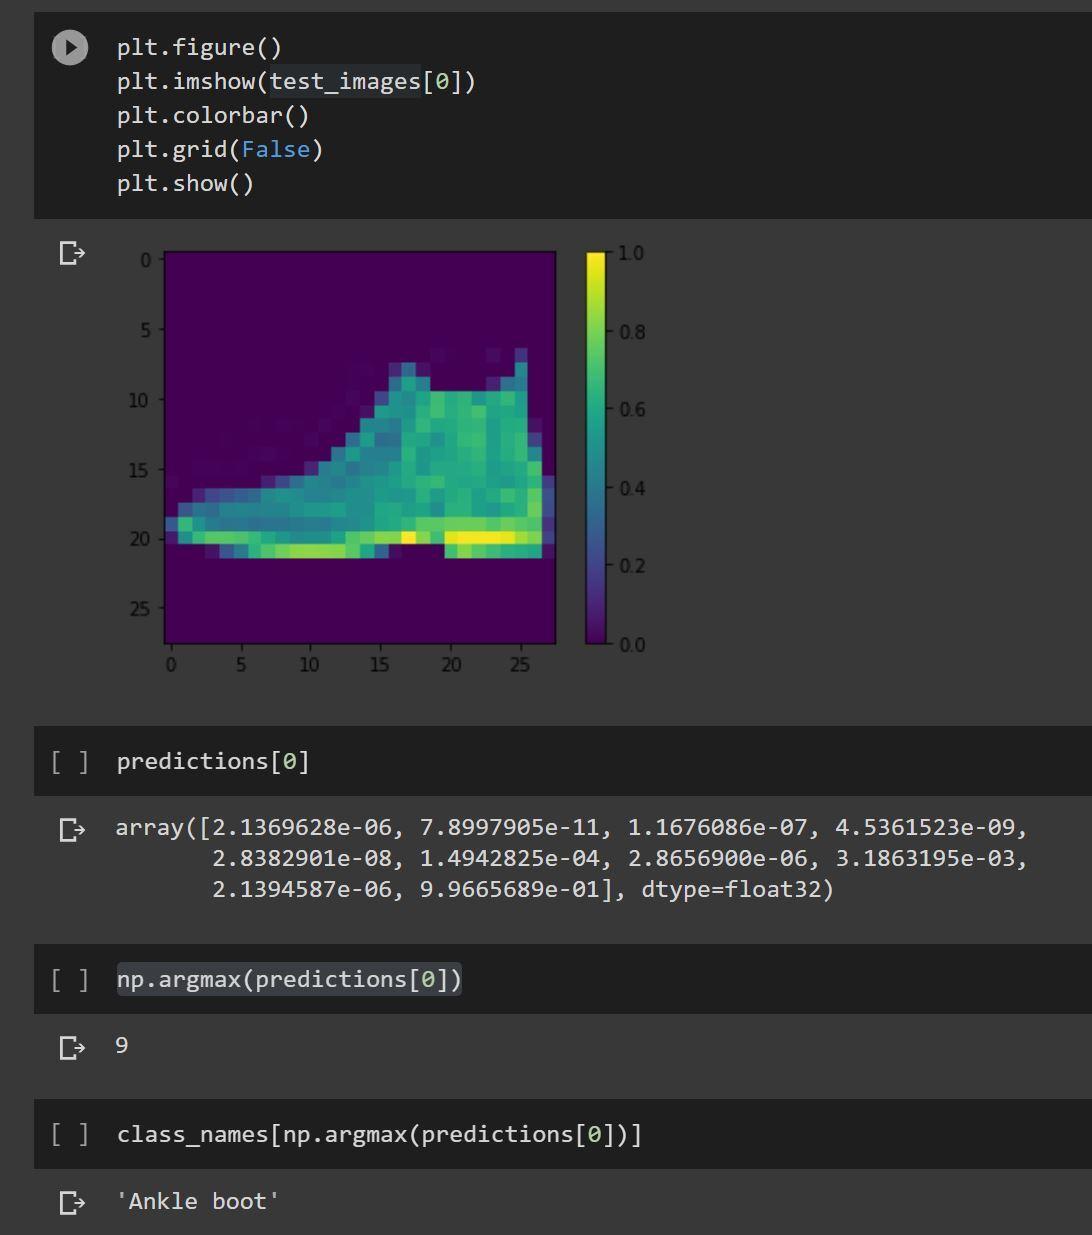 https://cloud-1fjgerqg8.vercel.app/0boot.jpg